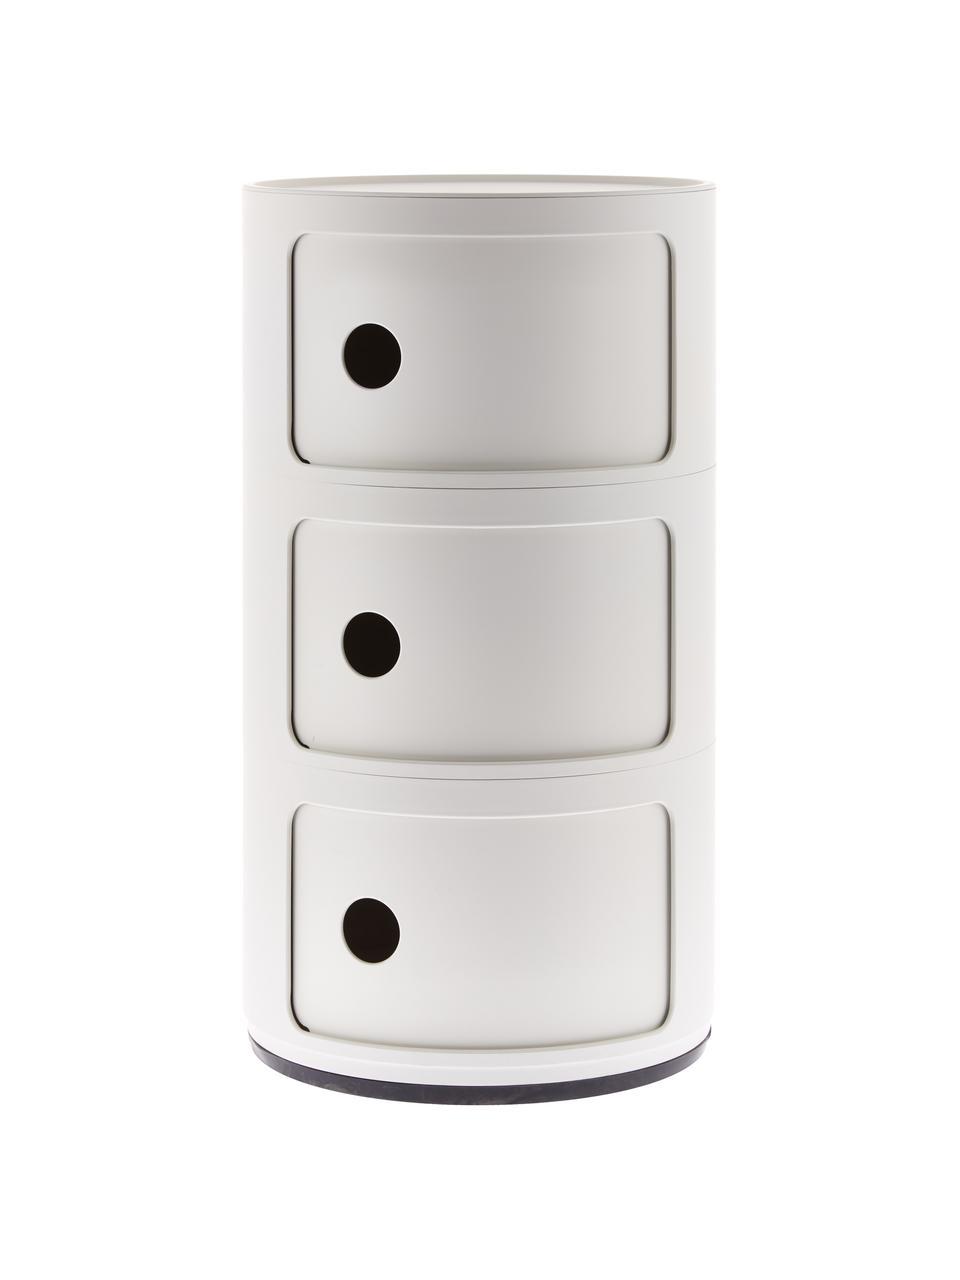 Contenitore di design a 3 cassetti Componibili, Tecnopolimero termoplastico ricavato da scarti industriali riciclati, Bianco opaco, Ø 32 x Alt. 59 cm